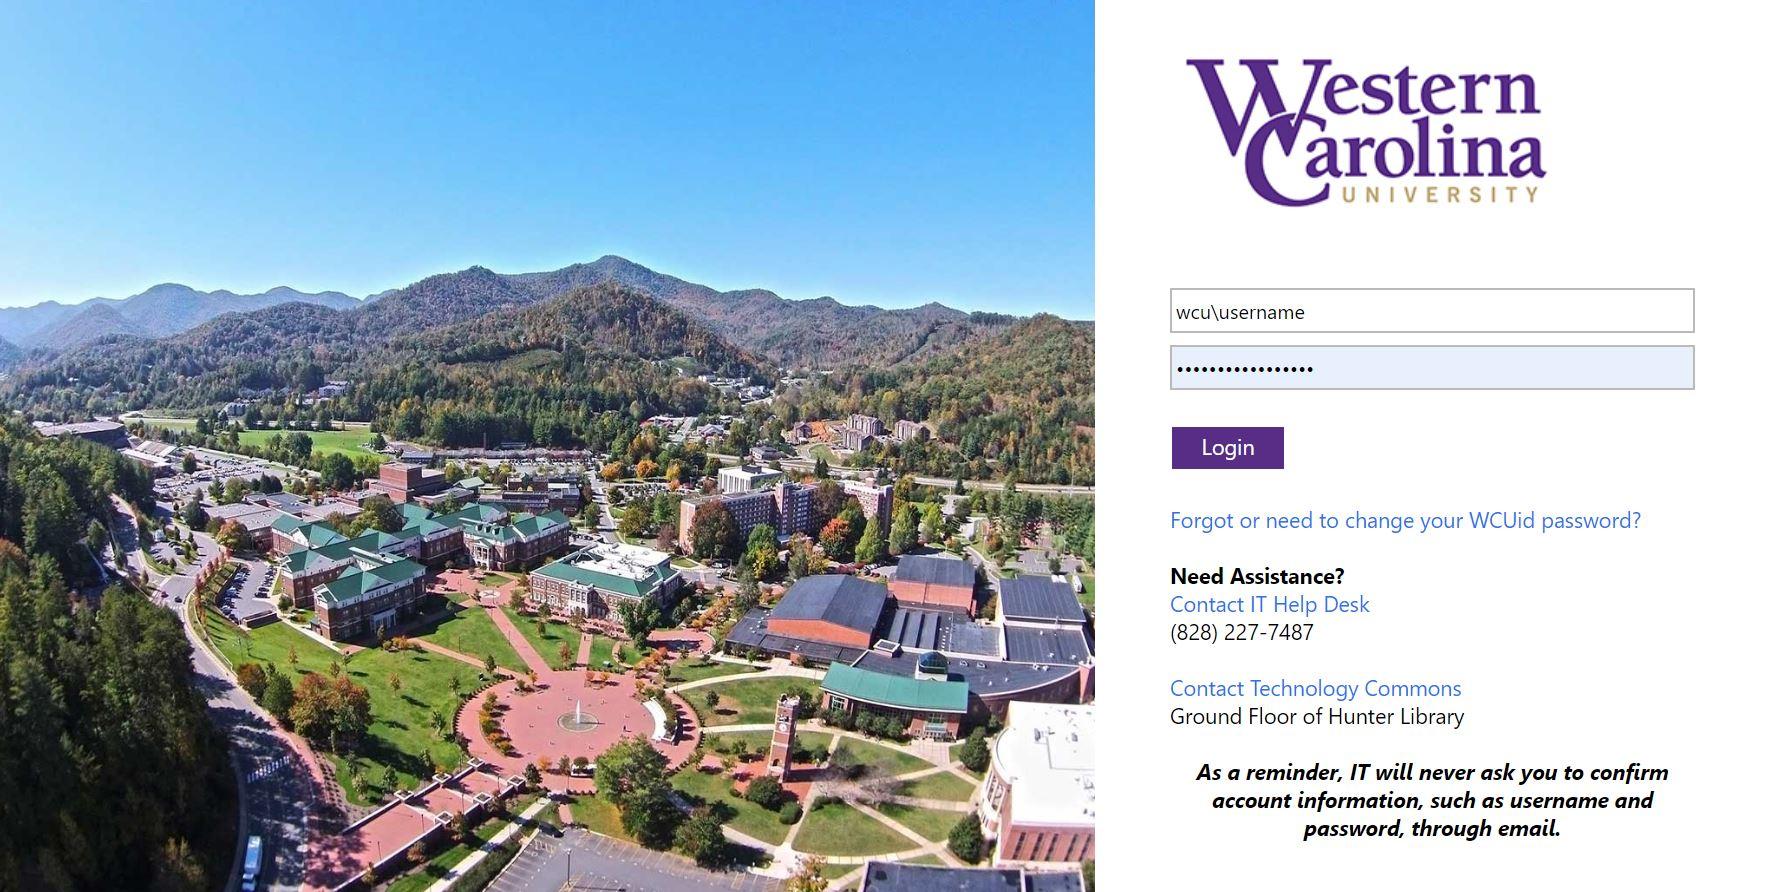 Image of WCU login screen.